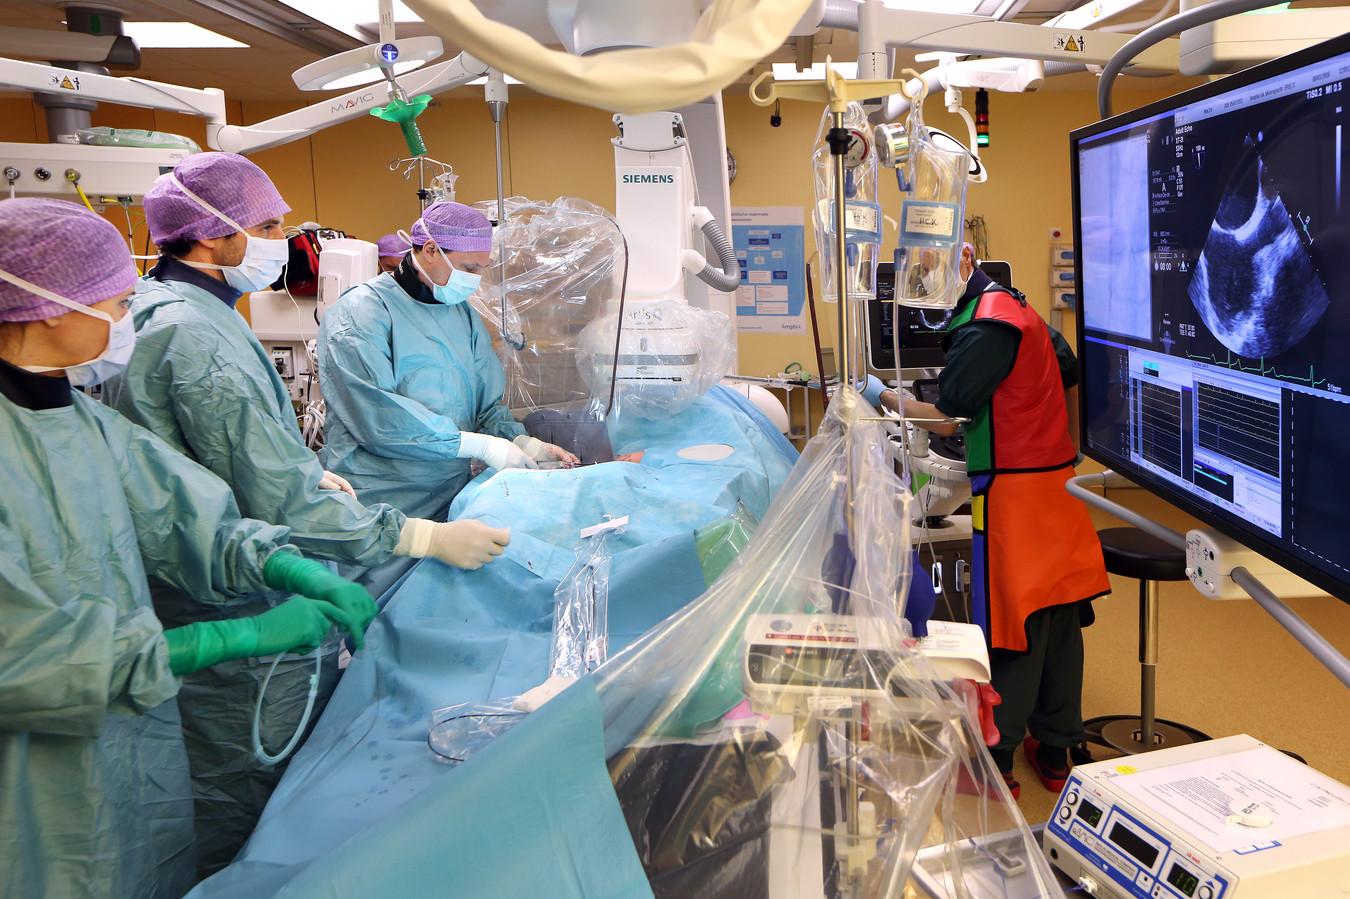 Artsen aan het werk in de operatiekamer van het Amphia Ziekenhuis in Breda.